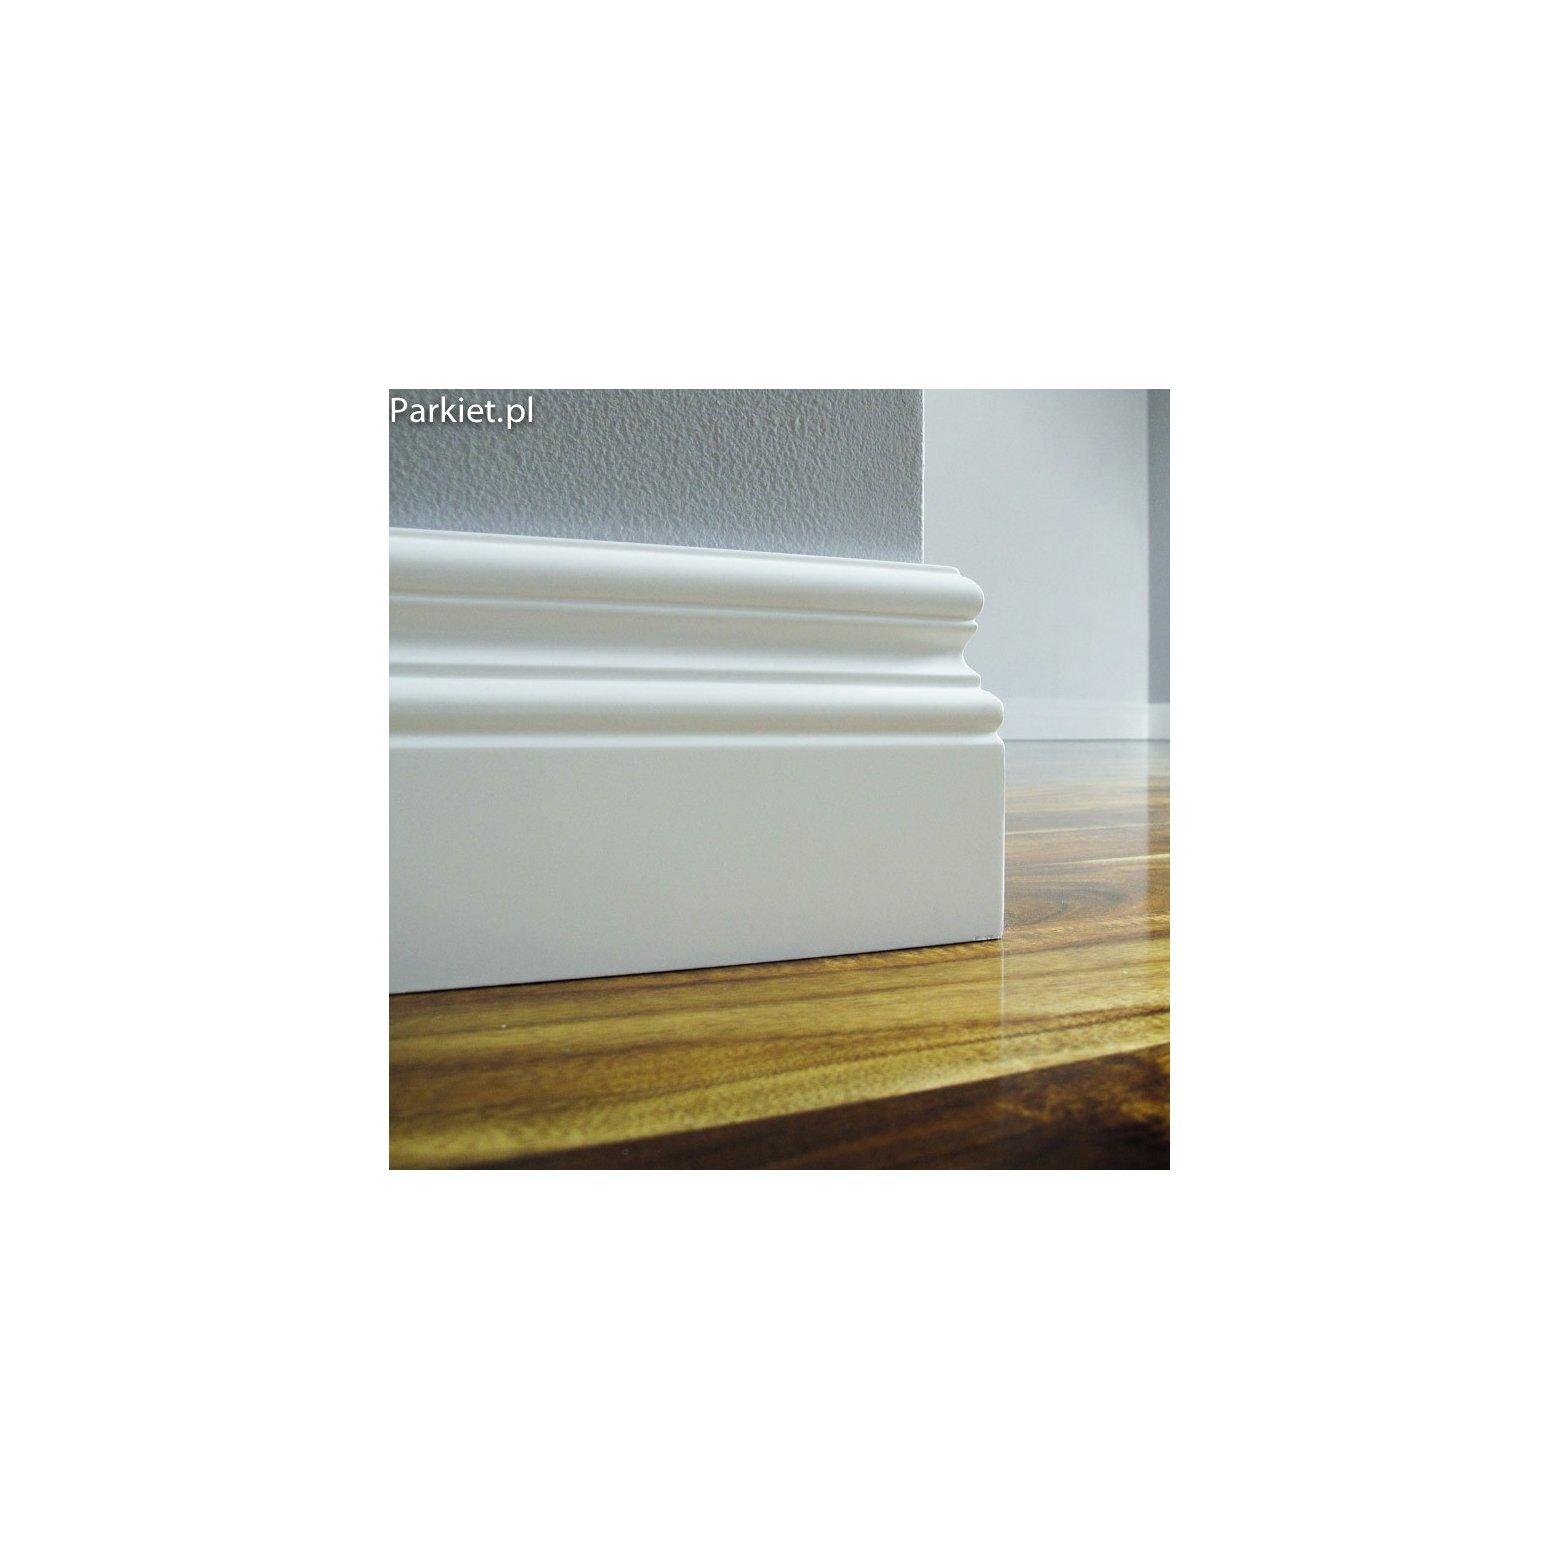 Biala listwa podlogowa lakierowana - Bordo - wymiary 120/18 mm